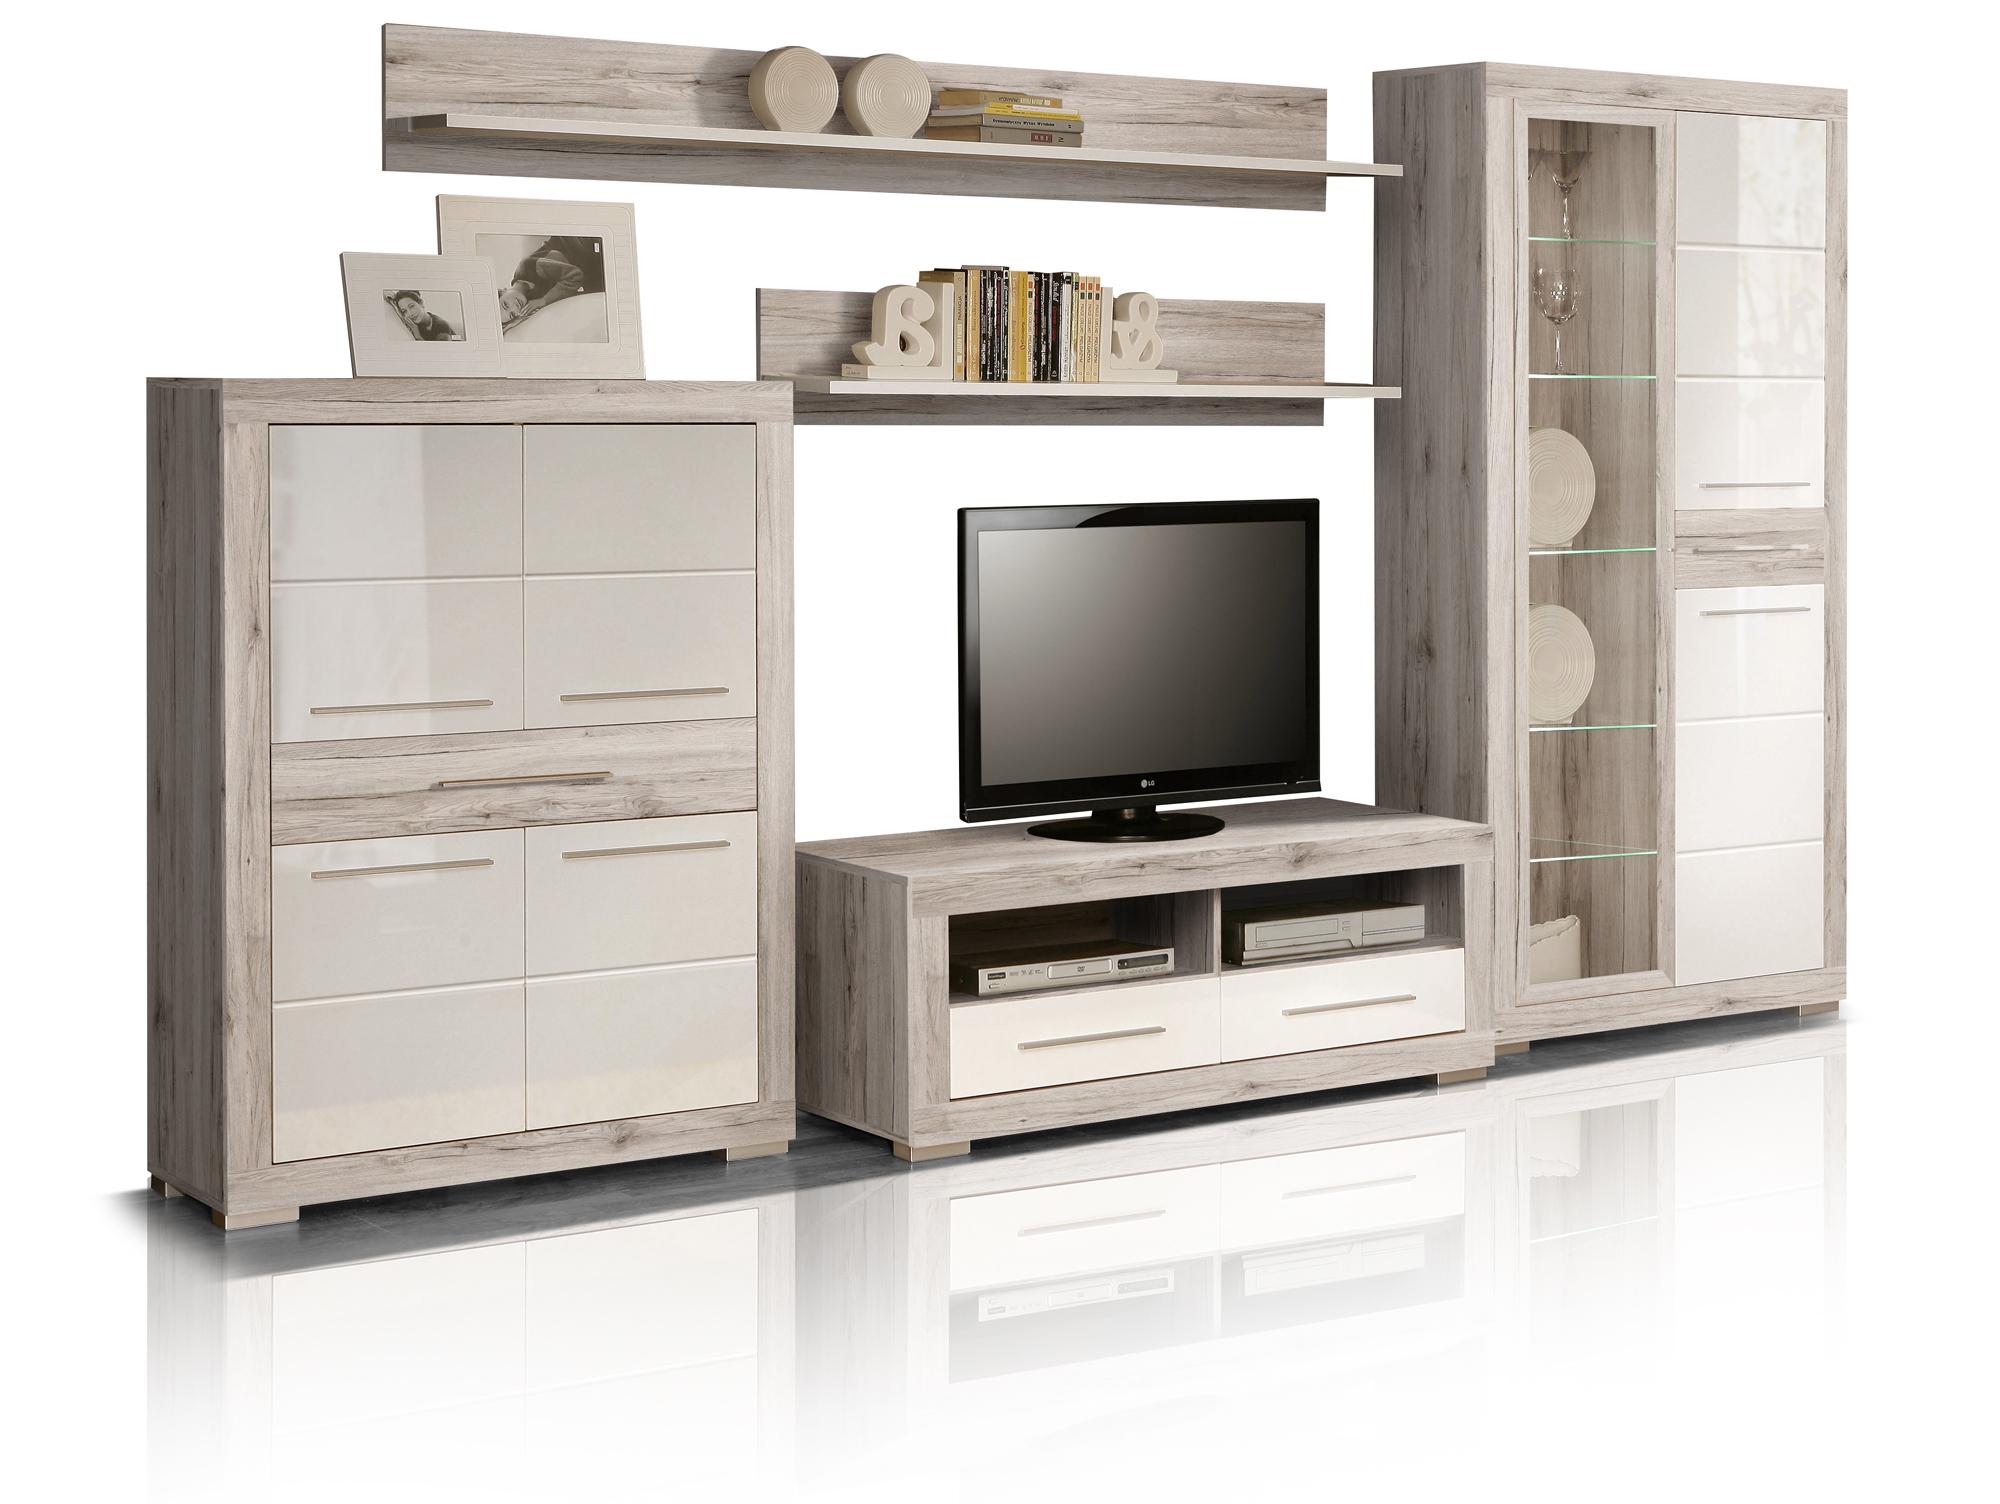 amberg i wohnwand sandeiche wei hochglanz. Black Bedroom Furniture Sets. Home Design Ideas